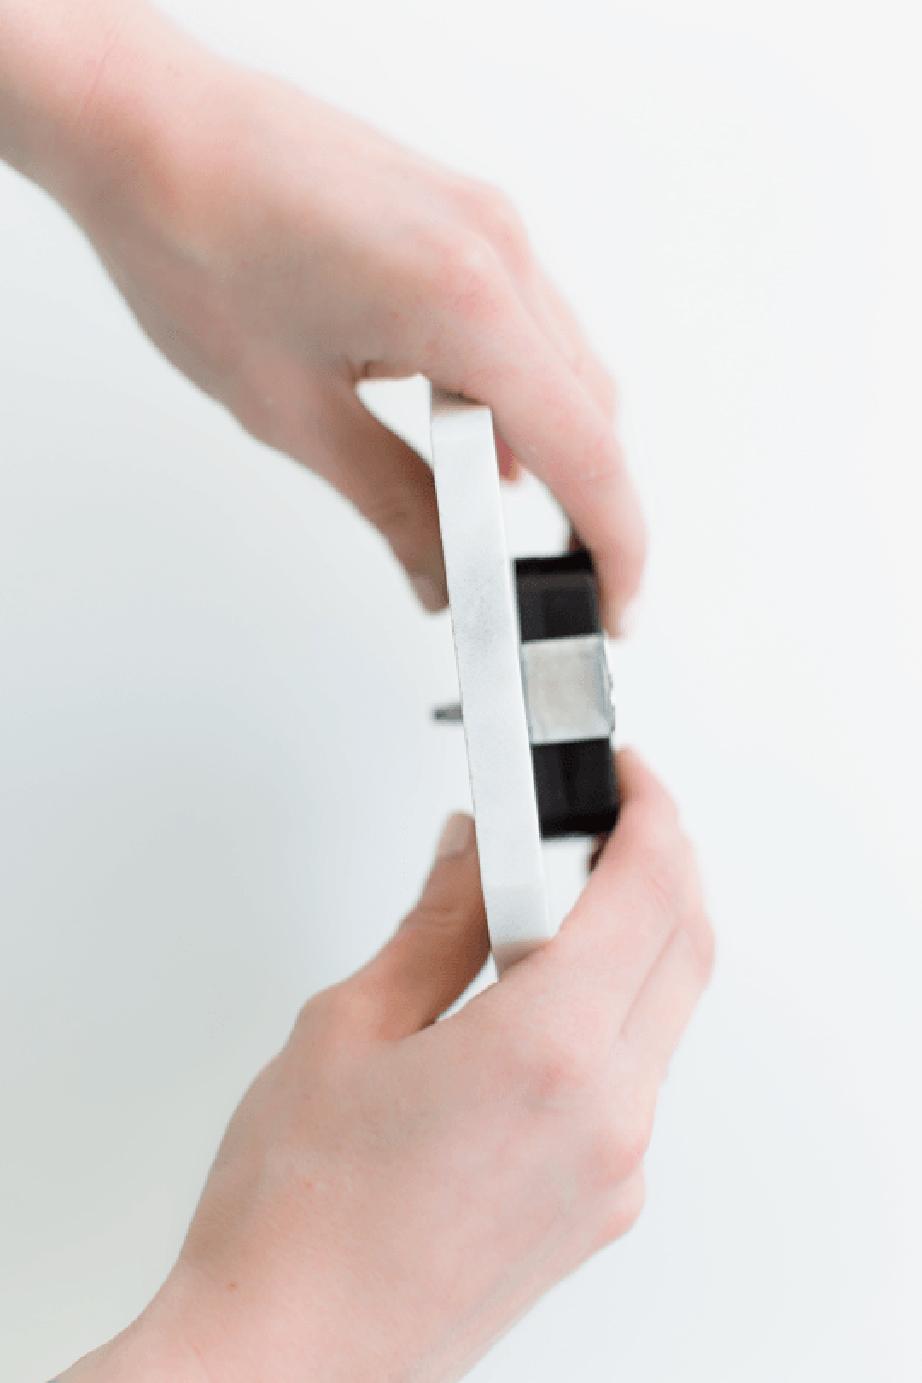 Επαλείψτε με την υγρή κόλλα την επιφάνεια του μαρμάρου που θα καλύπτει το κουτί του μηχανισμού του ρολογιού και περάστε τον άξονα αυτού μέσα από την τρύπα ασκώντας στη συνέχεια πίεση και κρατώντας σταθερά τα δύο αντικείμενα μέχρι να ολοκληρωθεί η κόλληση. Στη συνέχεια συνδέστε τους δείκτες σύμφωνα με την ανατομία του ρολογιού.